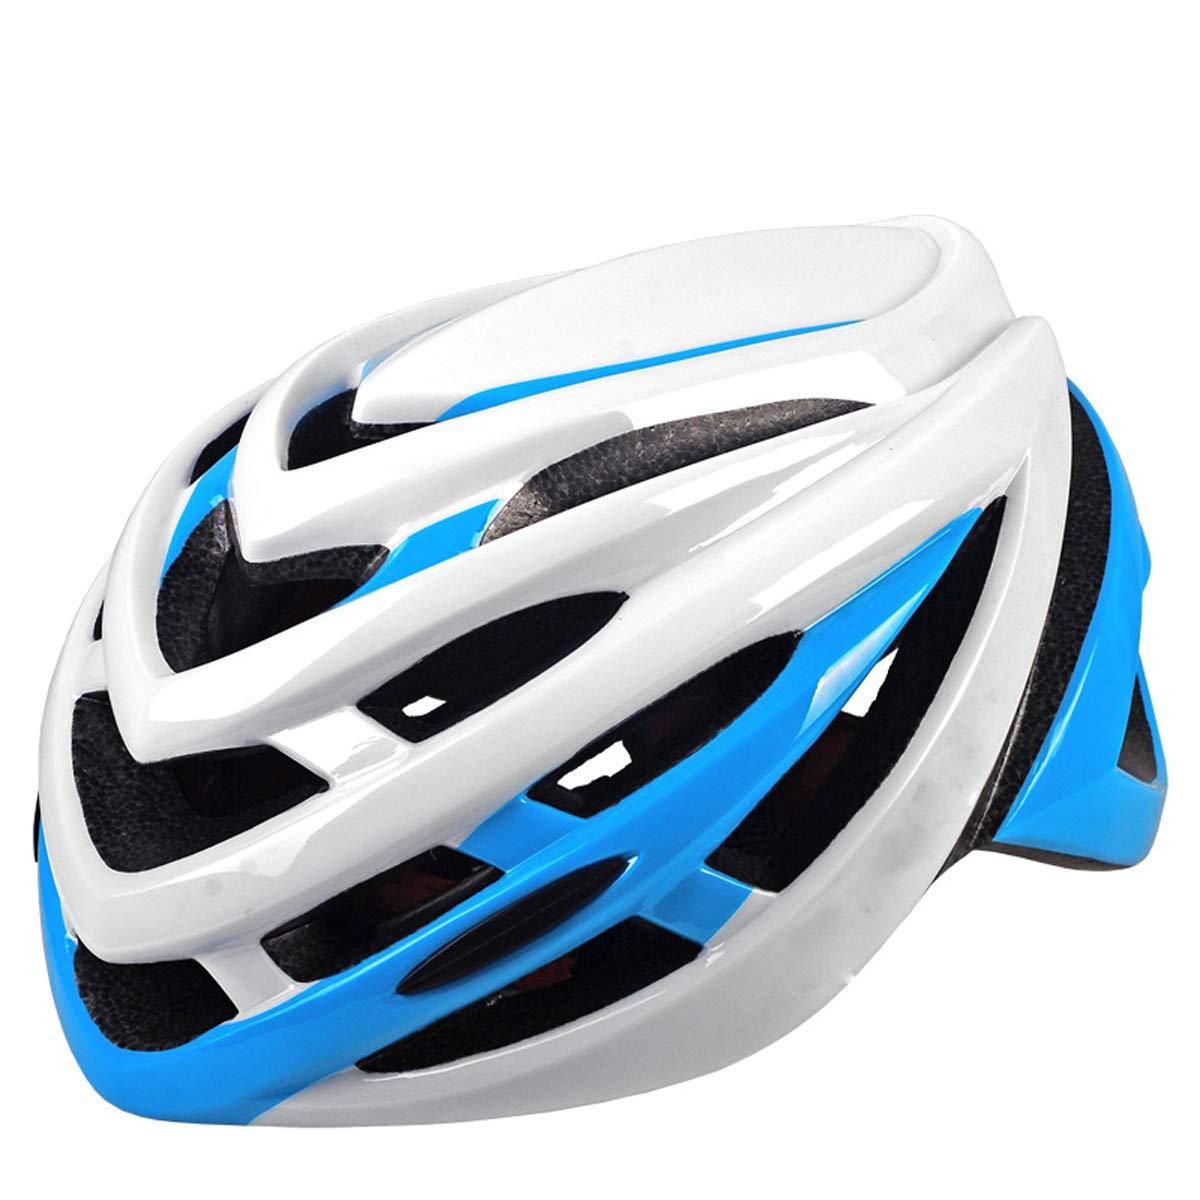 KuanDar Fahrradhelm, Verstellbarer Sport Fahrradhelm Für Fahrradfahren Sicherheit Für Erwachsene, Geeignet Für Kopfumfang 60CM-64CM